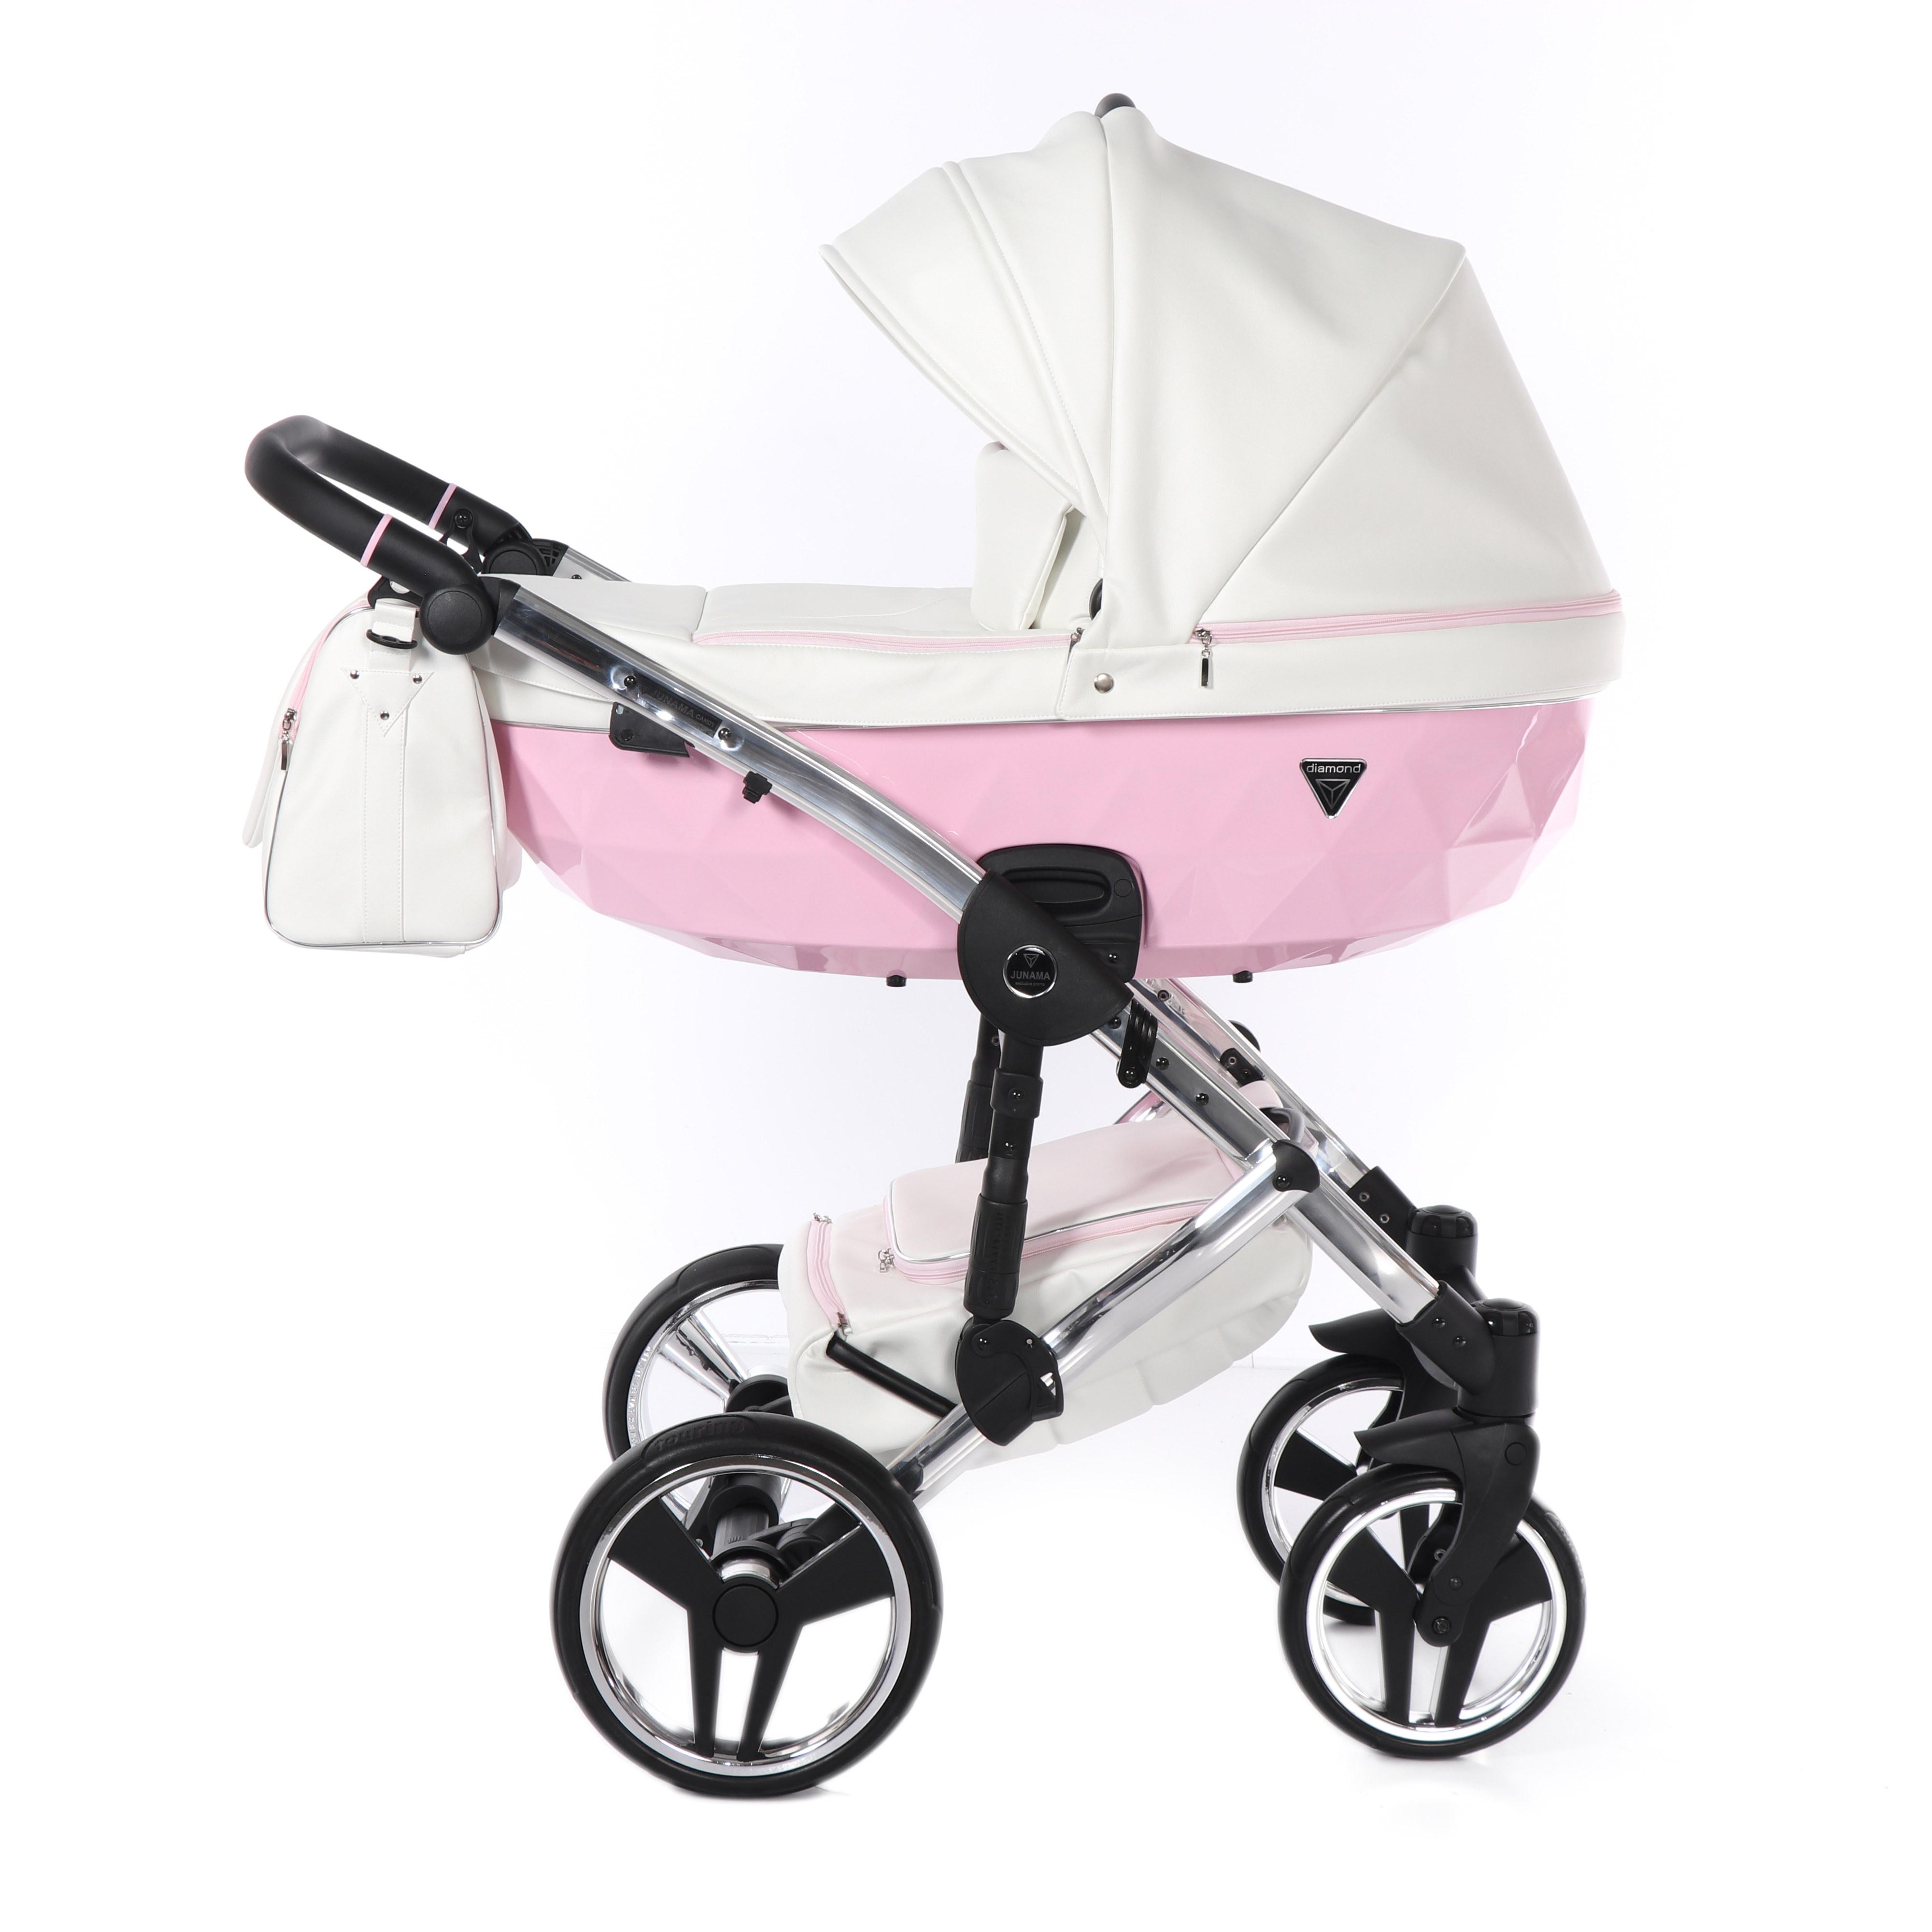 Junama Candy gondola Dadi Shop wózek dziecięcy wielofunkcyjny elegancki różowy eco skóra